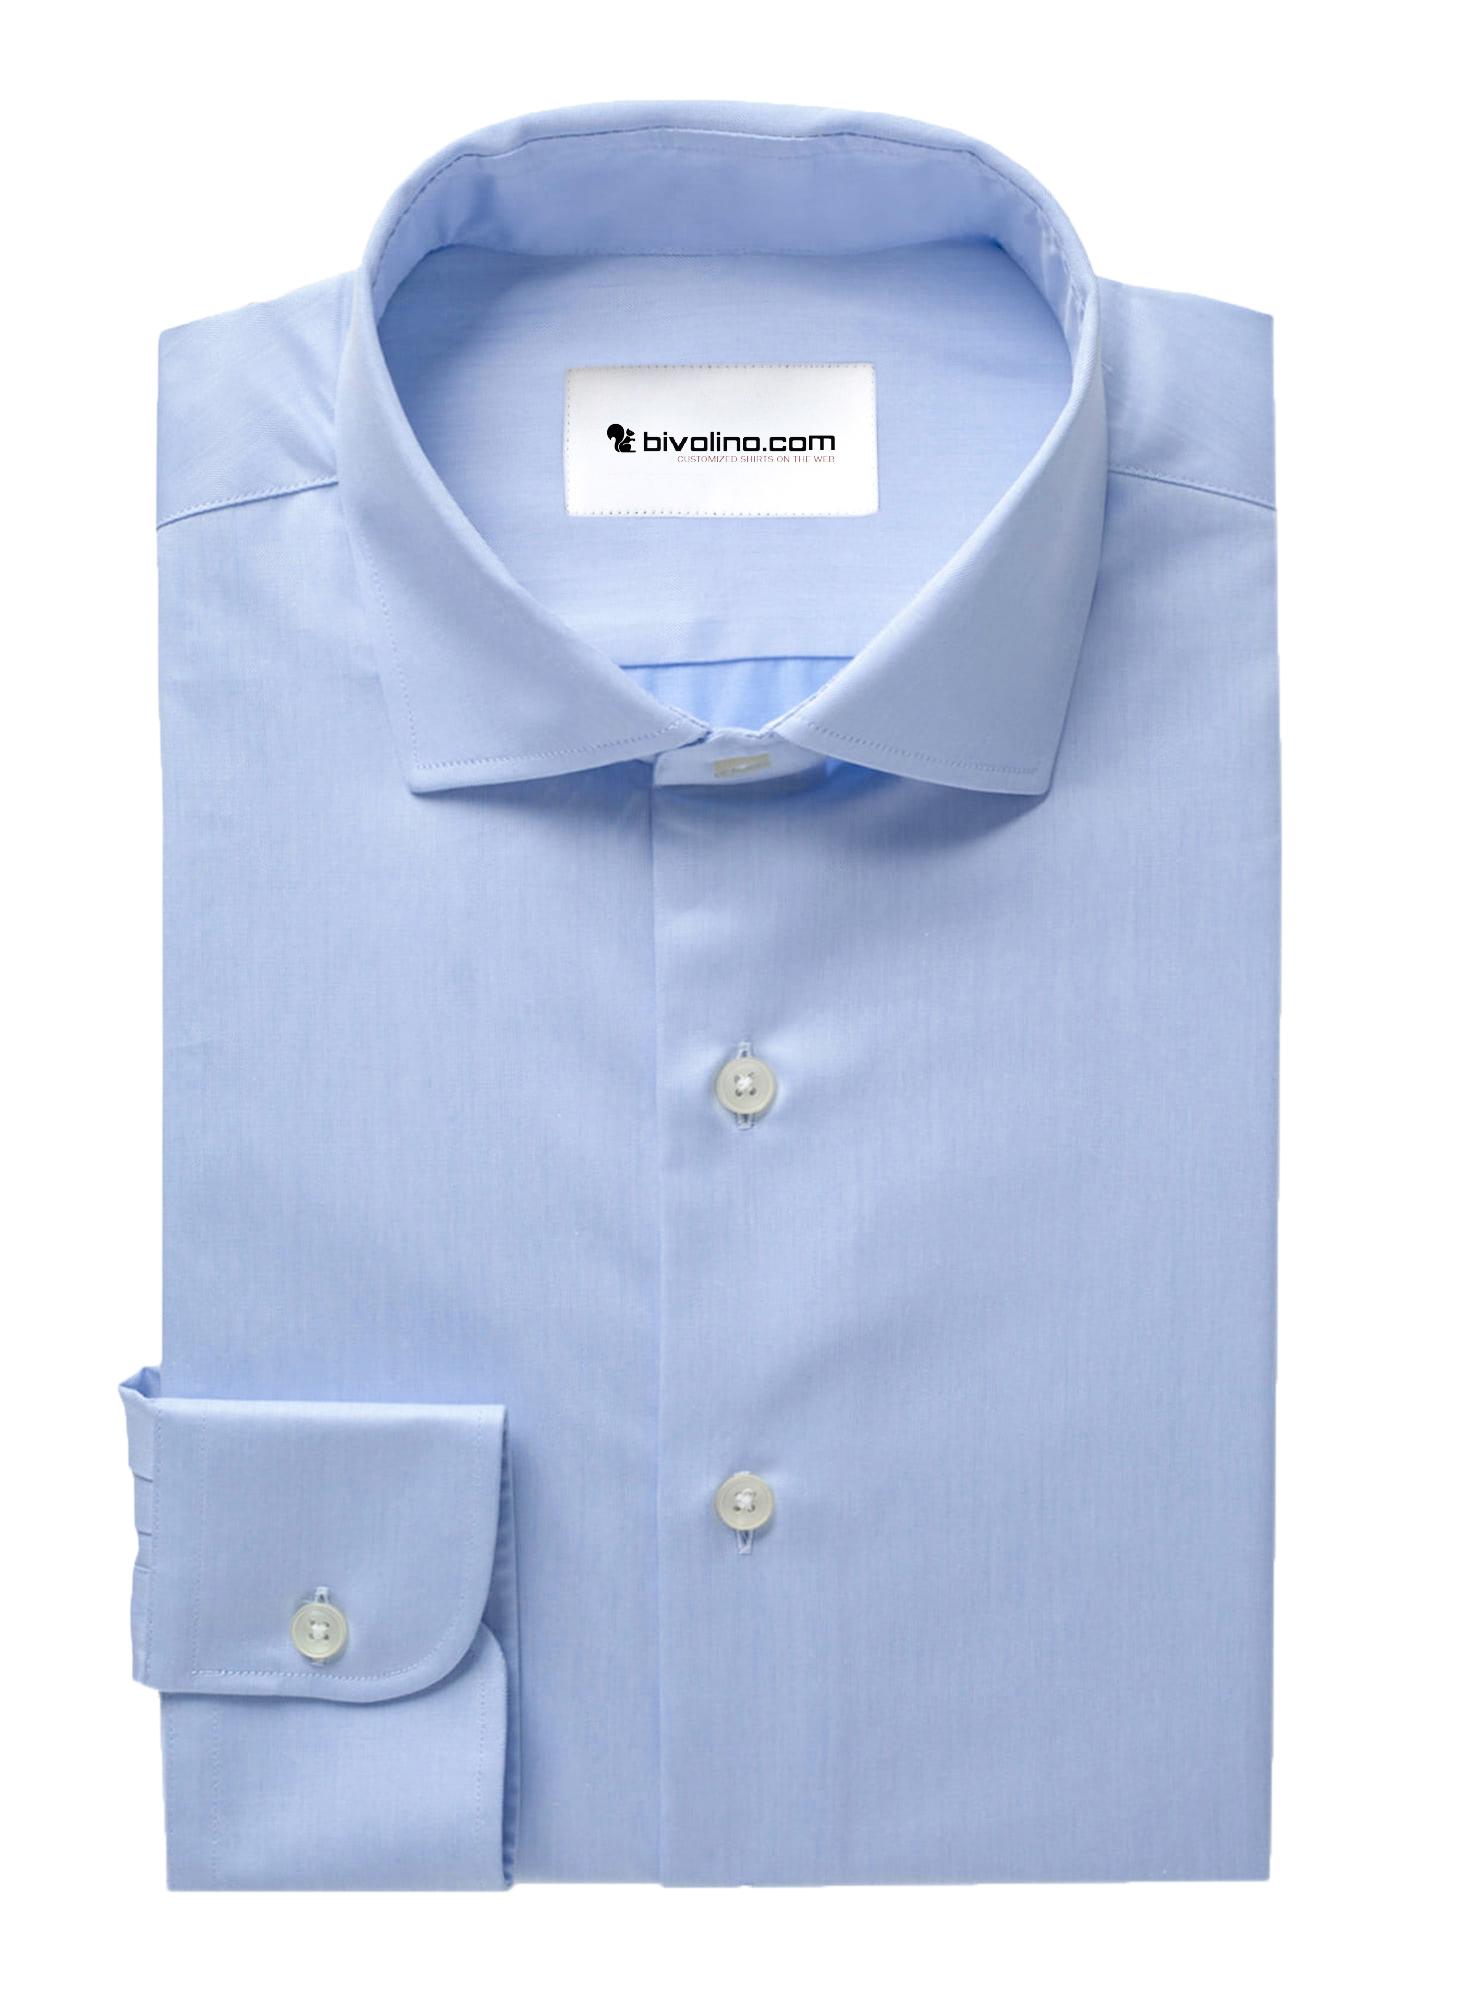 PRISARIO - hemelsblauwe visgraat overhemd - PEGLI 2